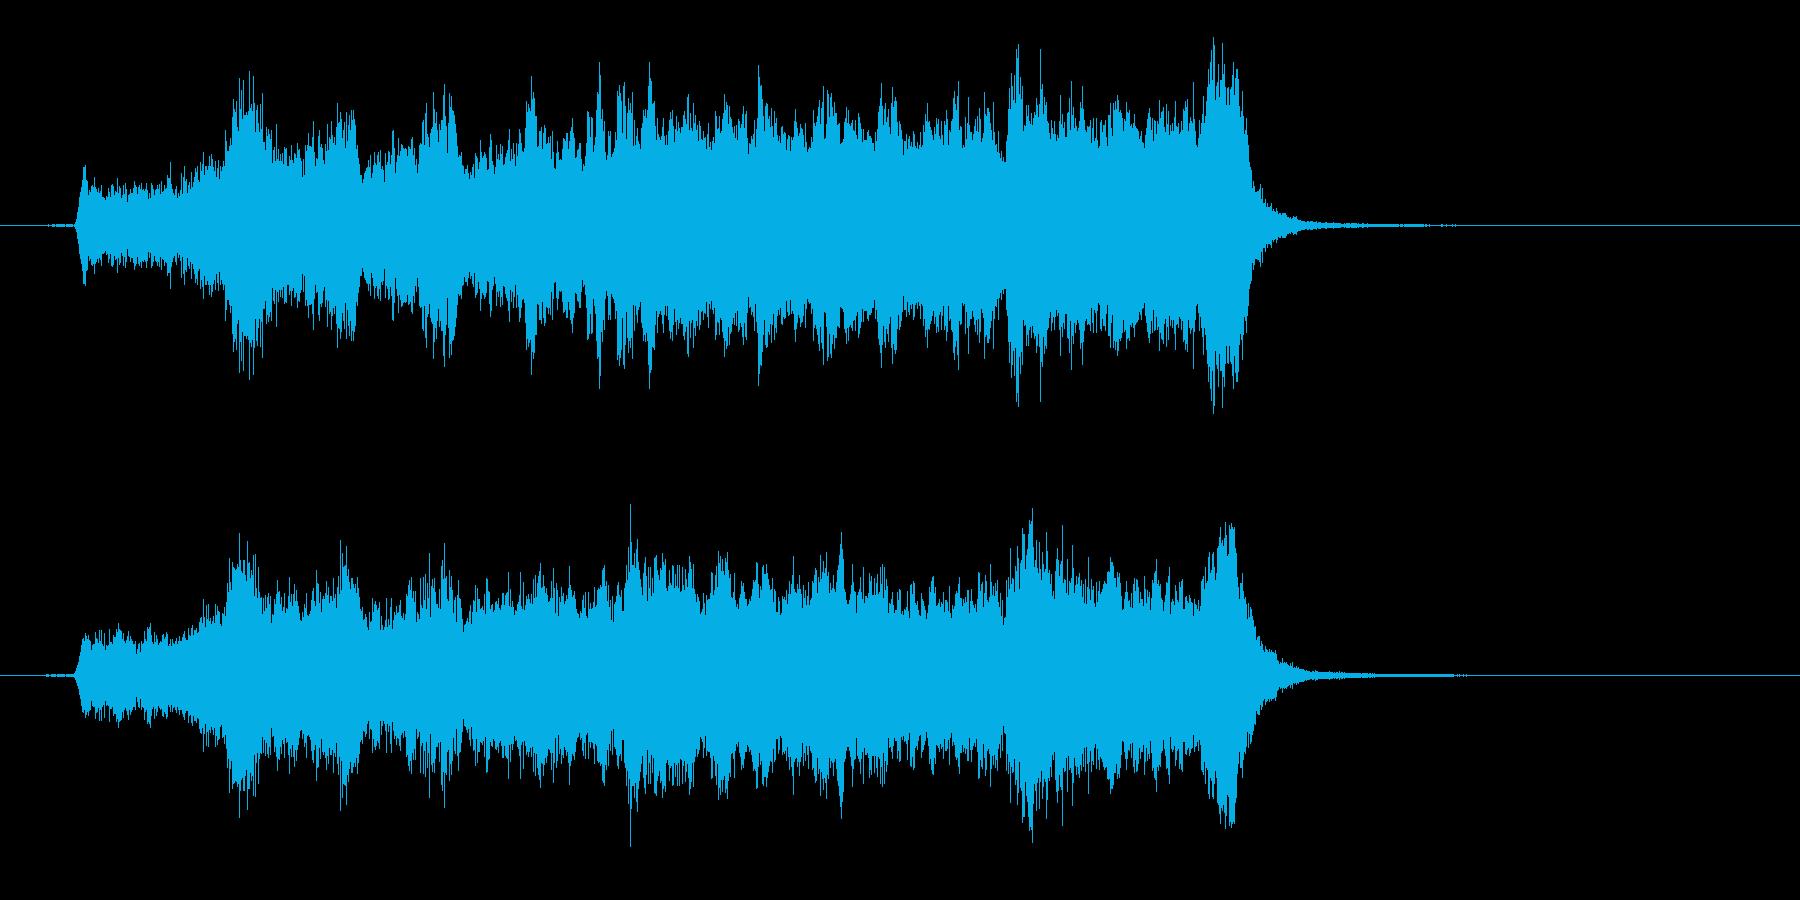 爽やかなオーケストラファンファーレの再生済みの波形